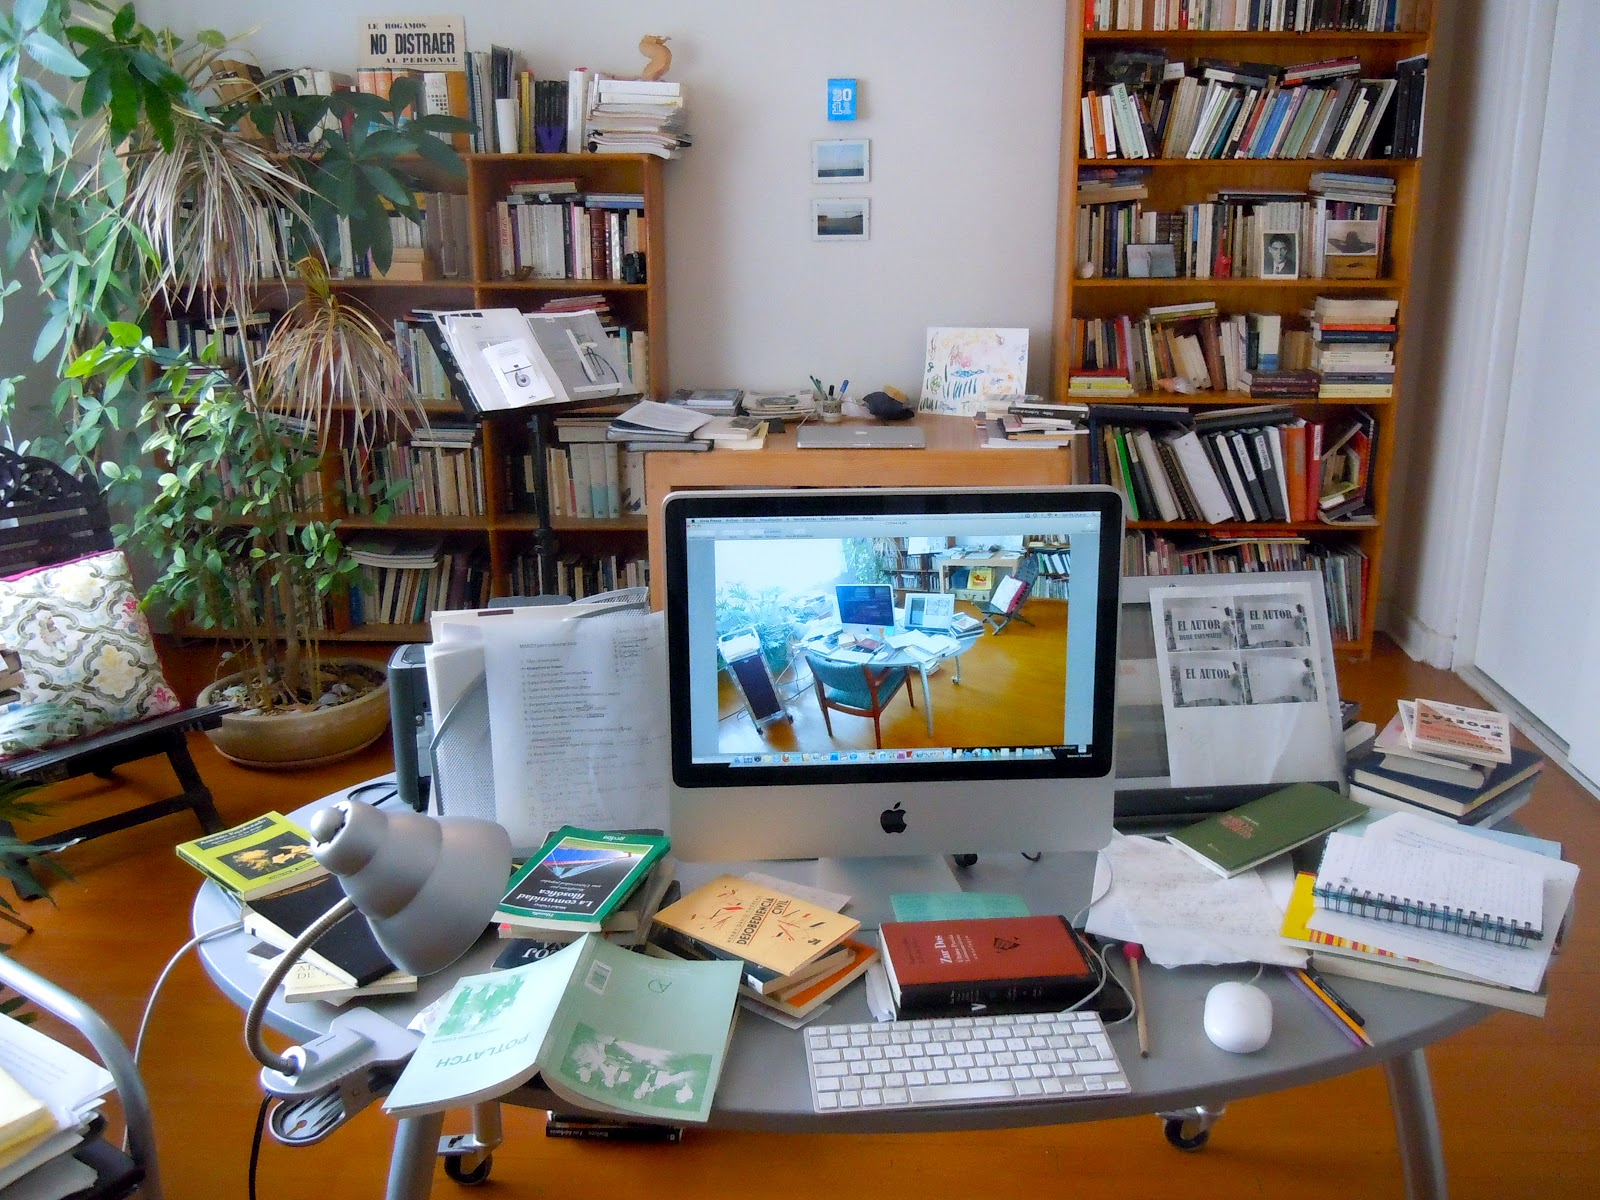 escritoriodesordenado